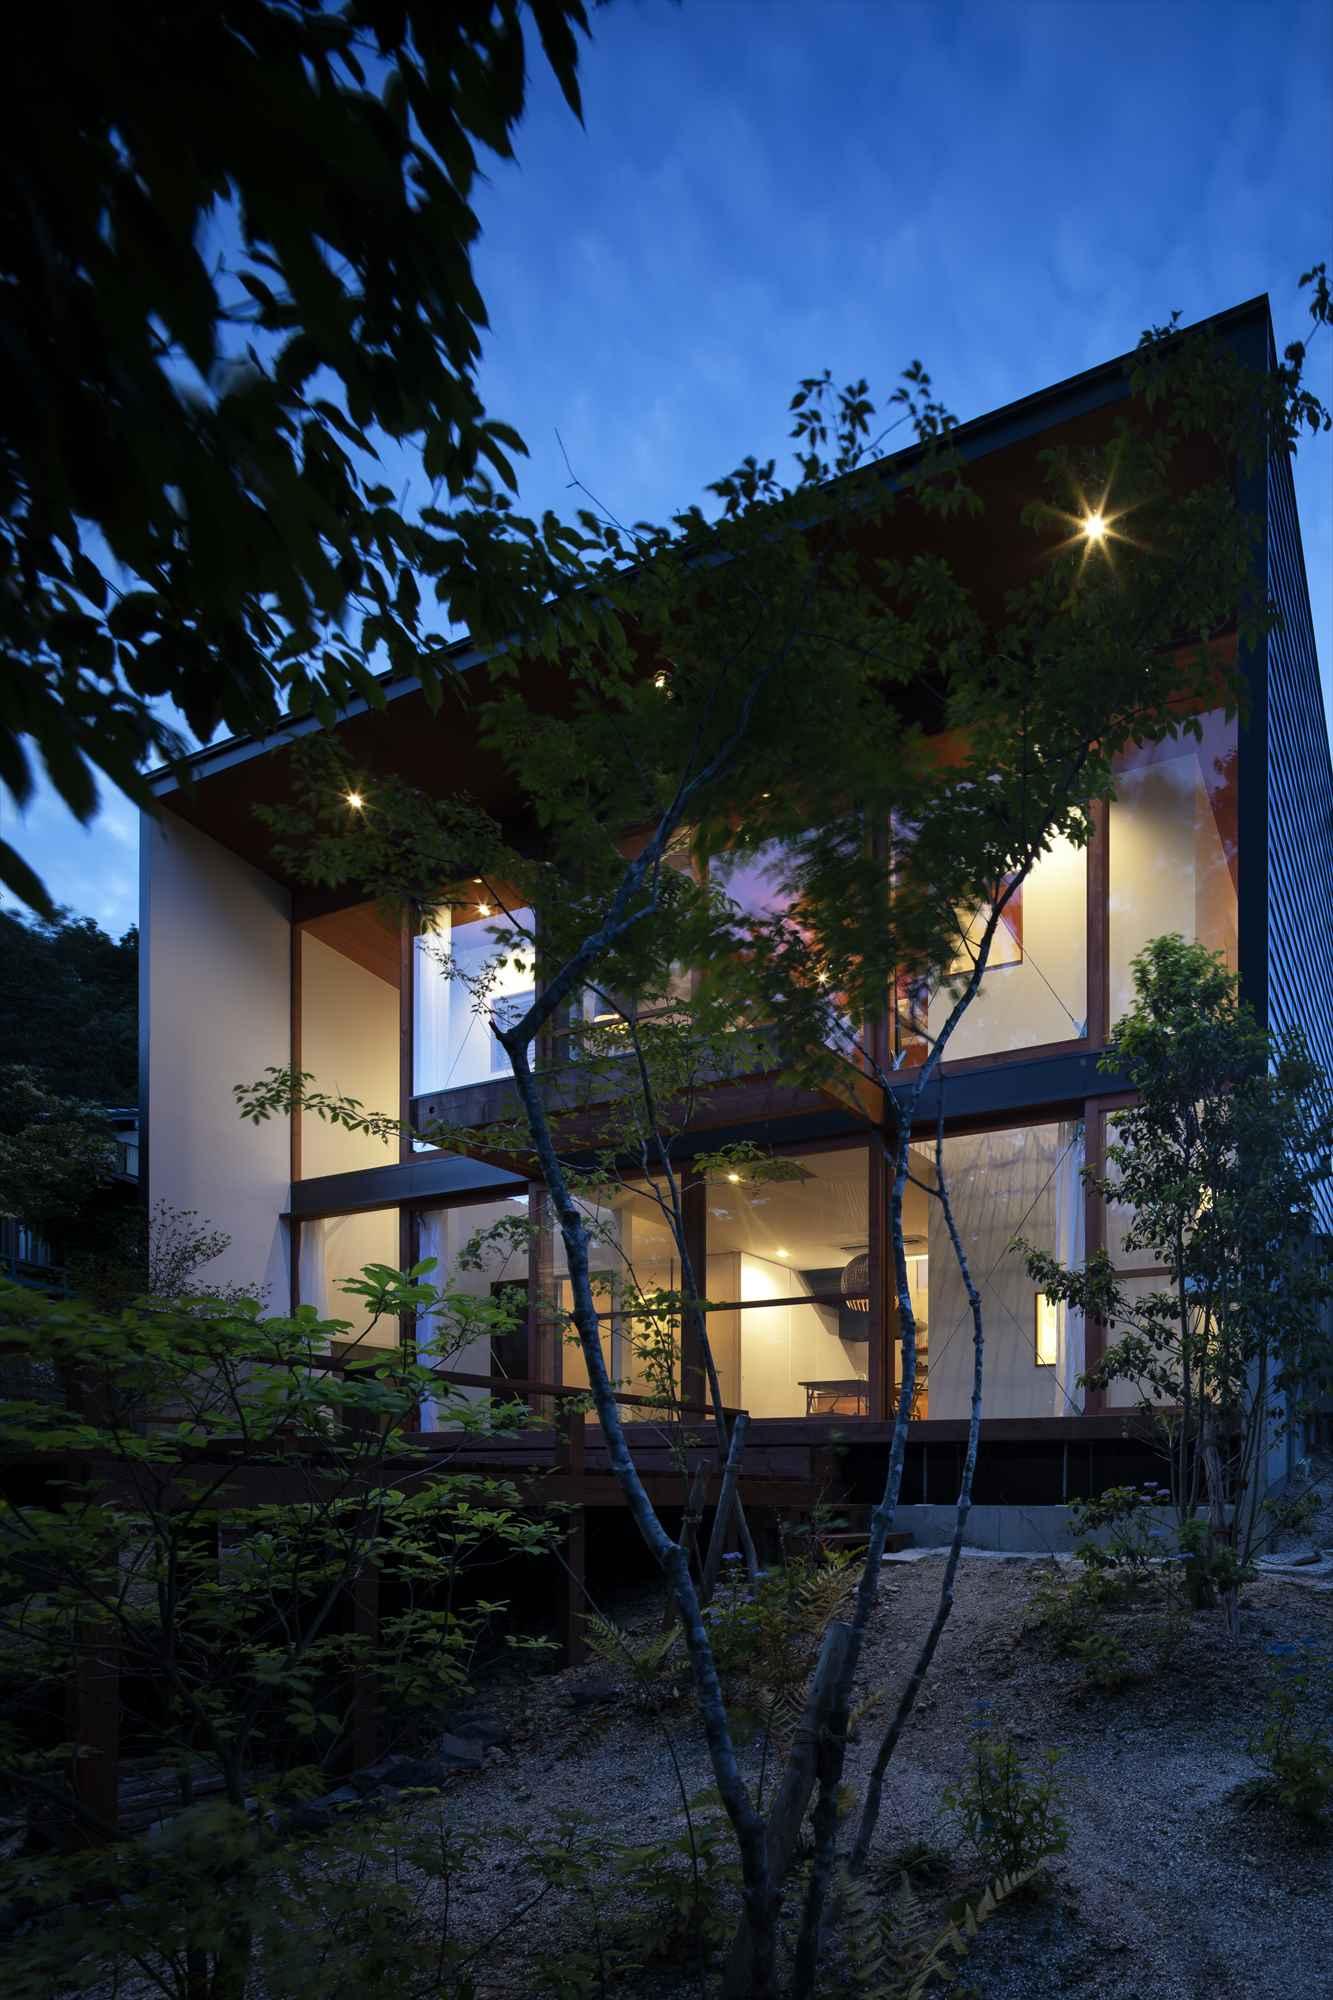 軒の繋がる家|愛知県犬山市|建築家×工務店のNatureスペース注文住宅施工事例